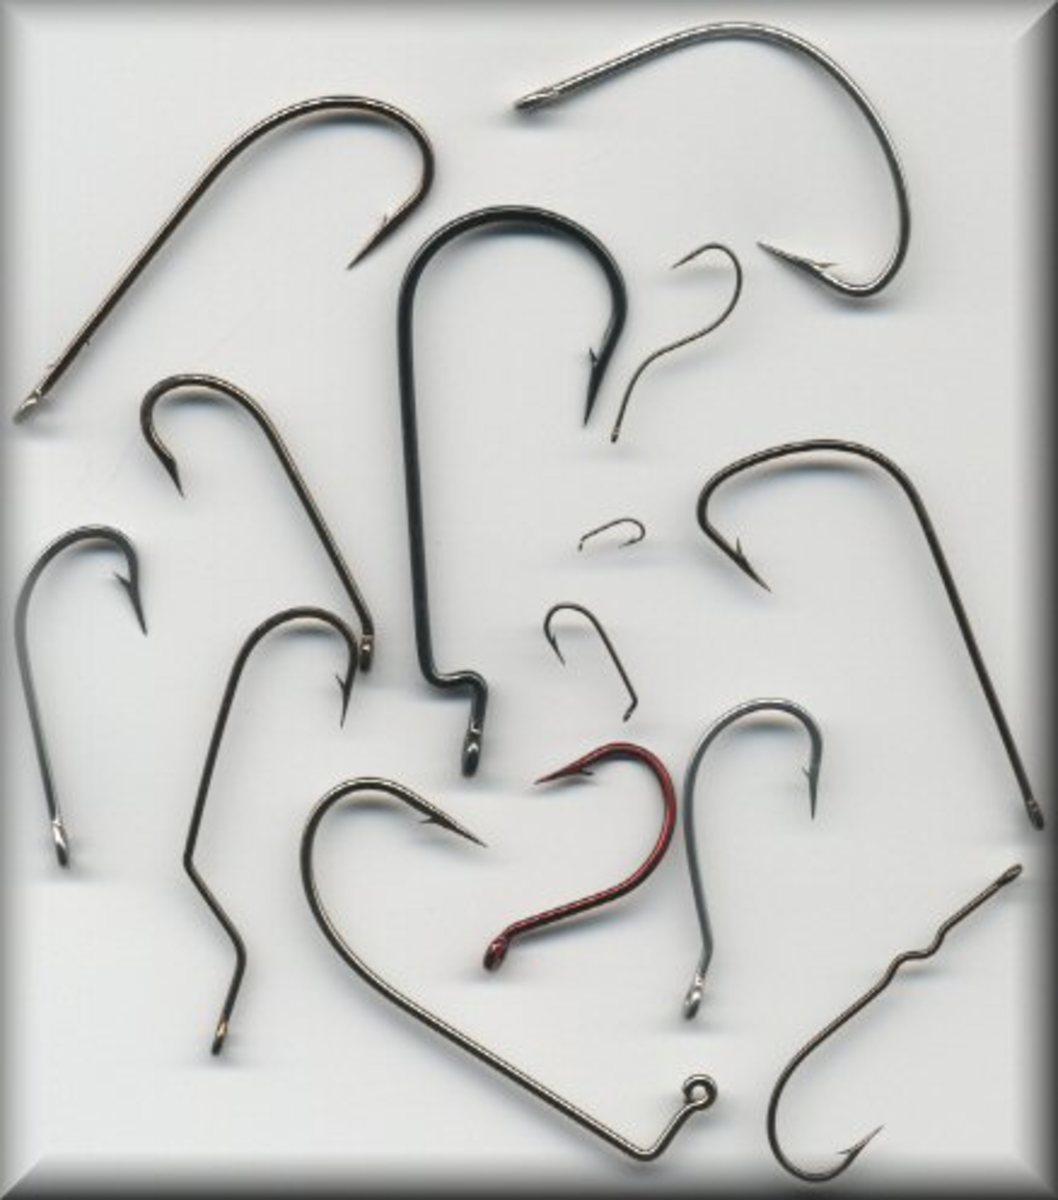 Shapes and Sizes of Fishing Hooks